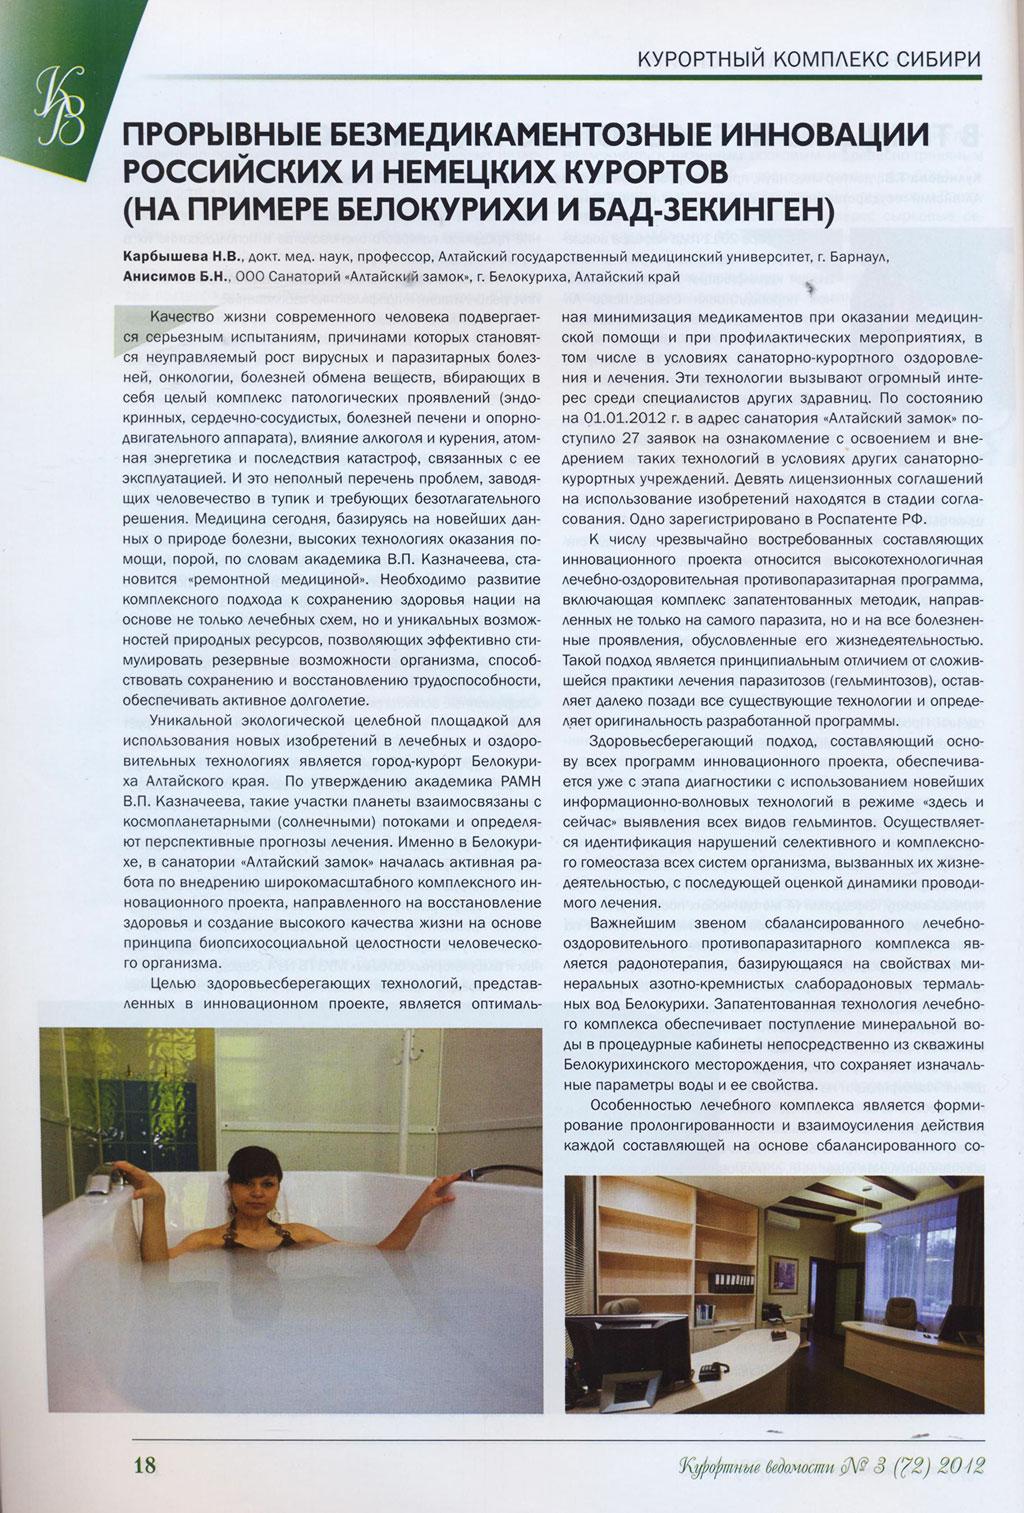 Практика лечения болезней схемы лечения евгения лебедева